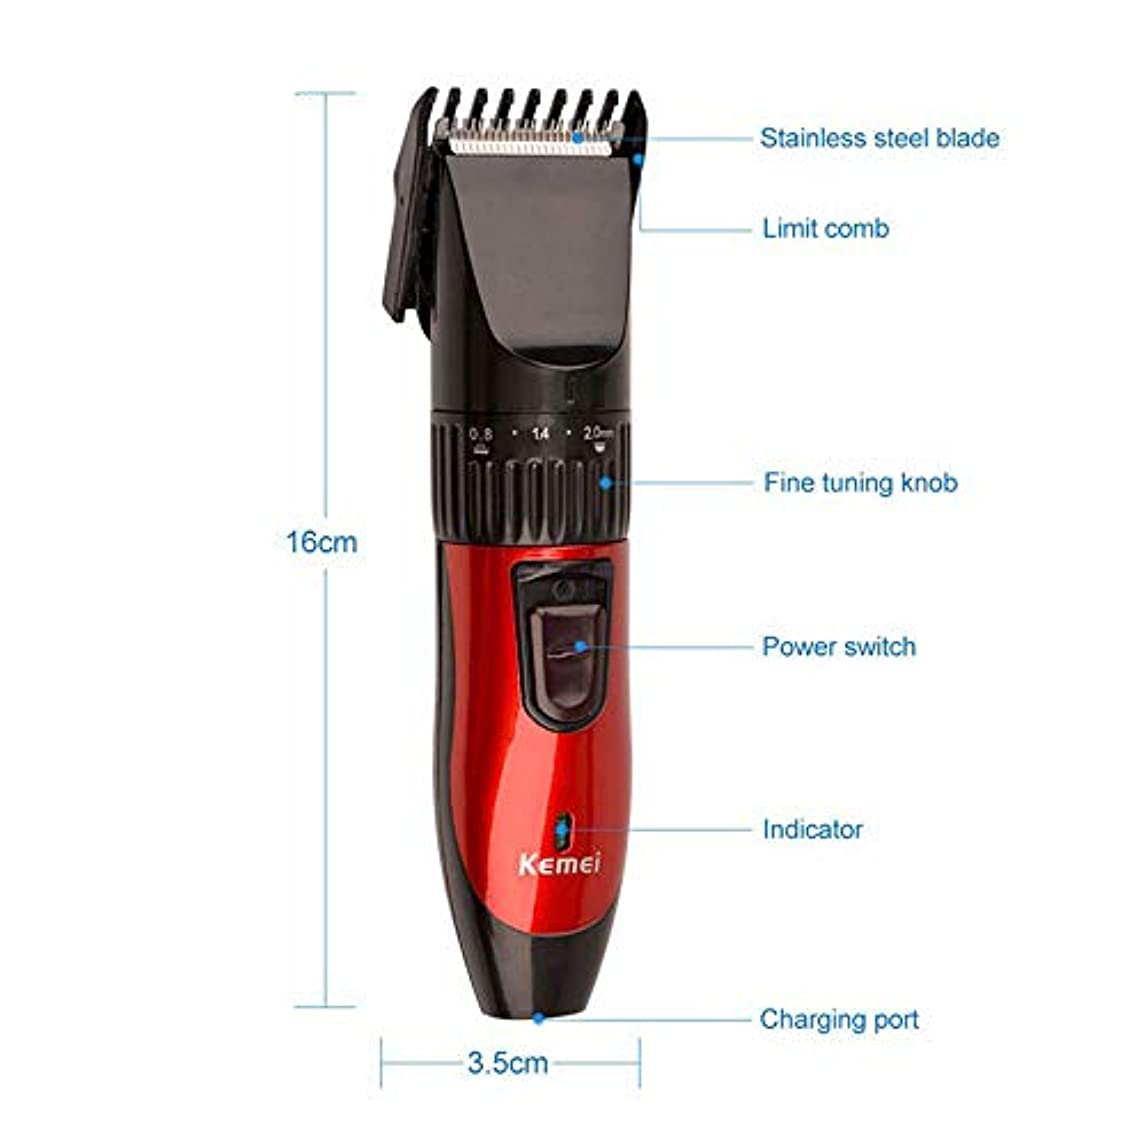 不調和ブレイズヒント男性の電子はさみアジャスタブルバリカントリマーキット理容美容のための機械散髪をカットプロのヘア